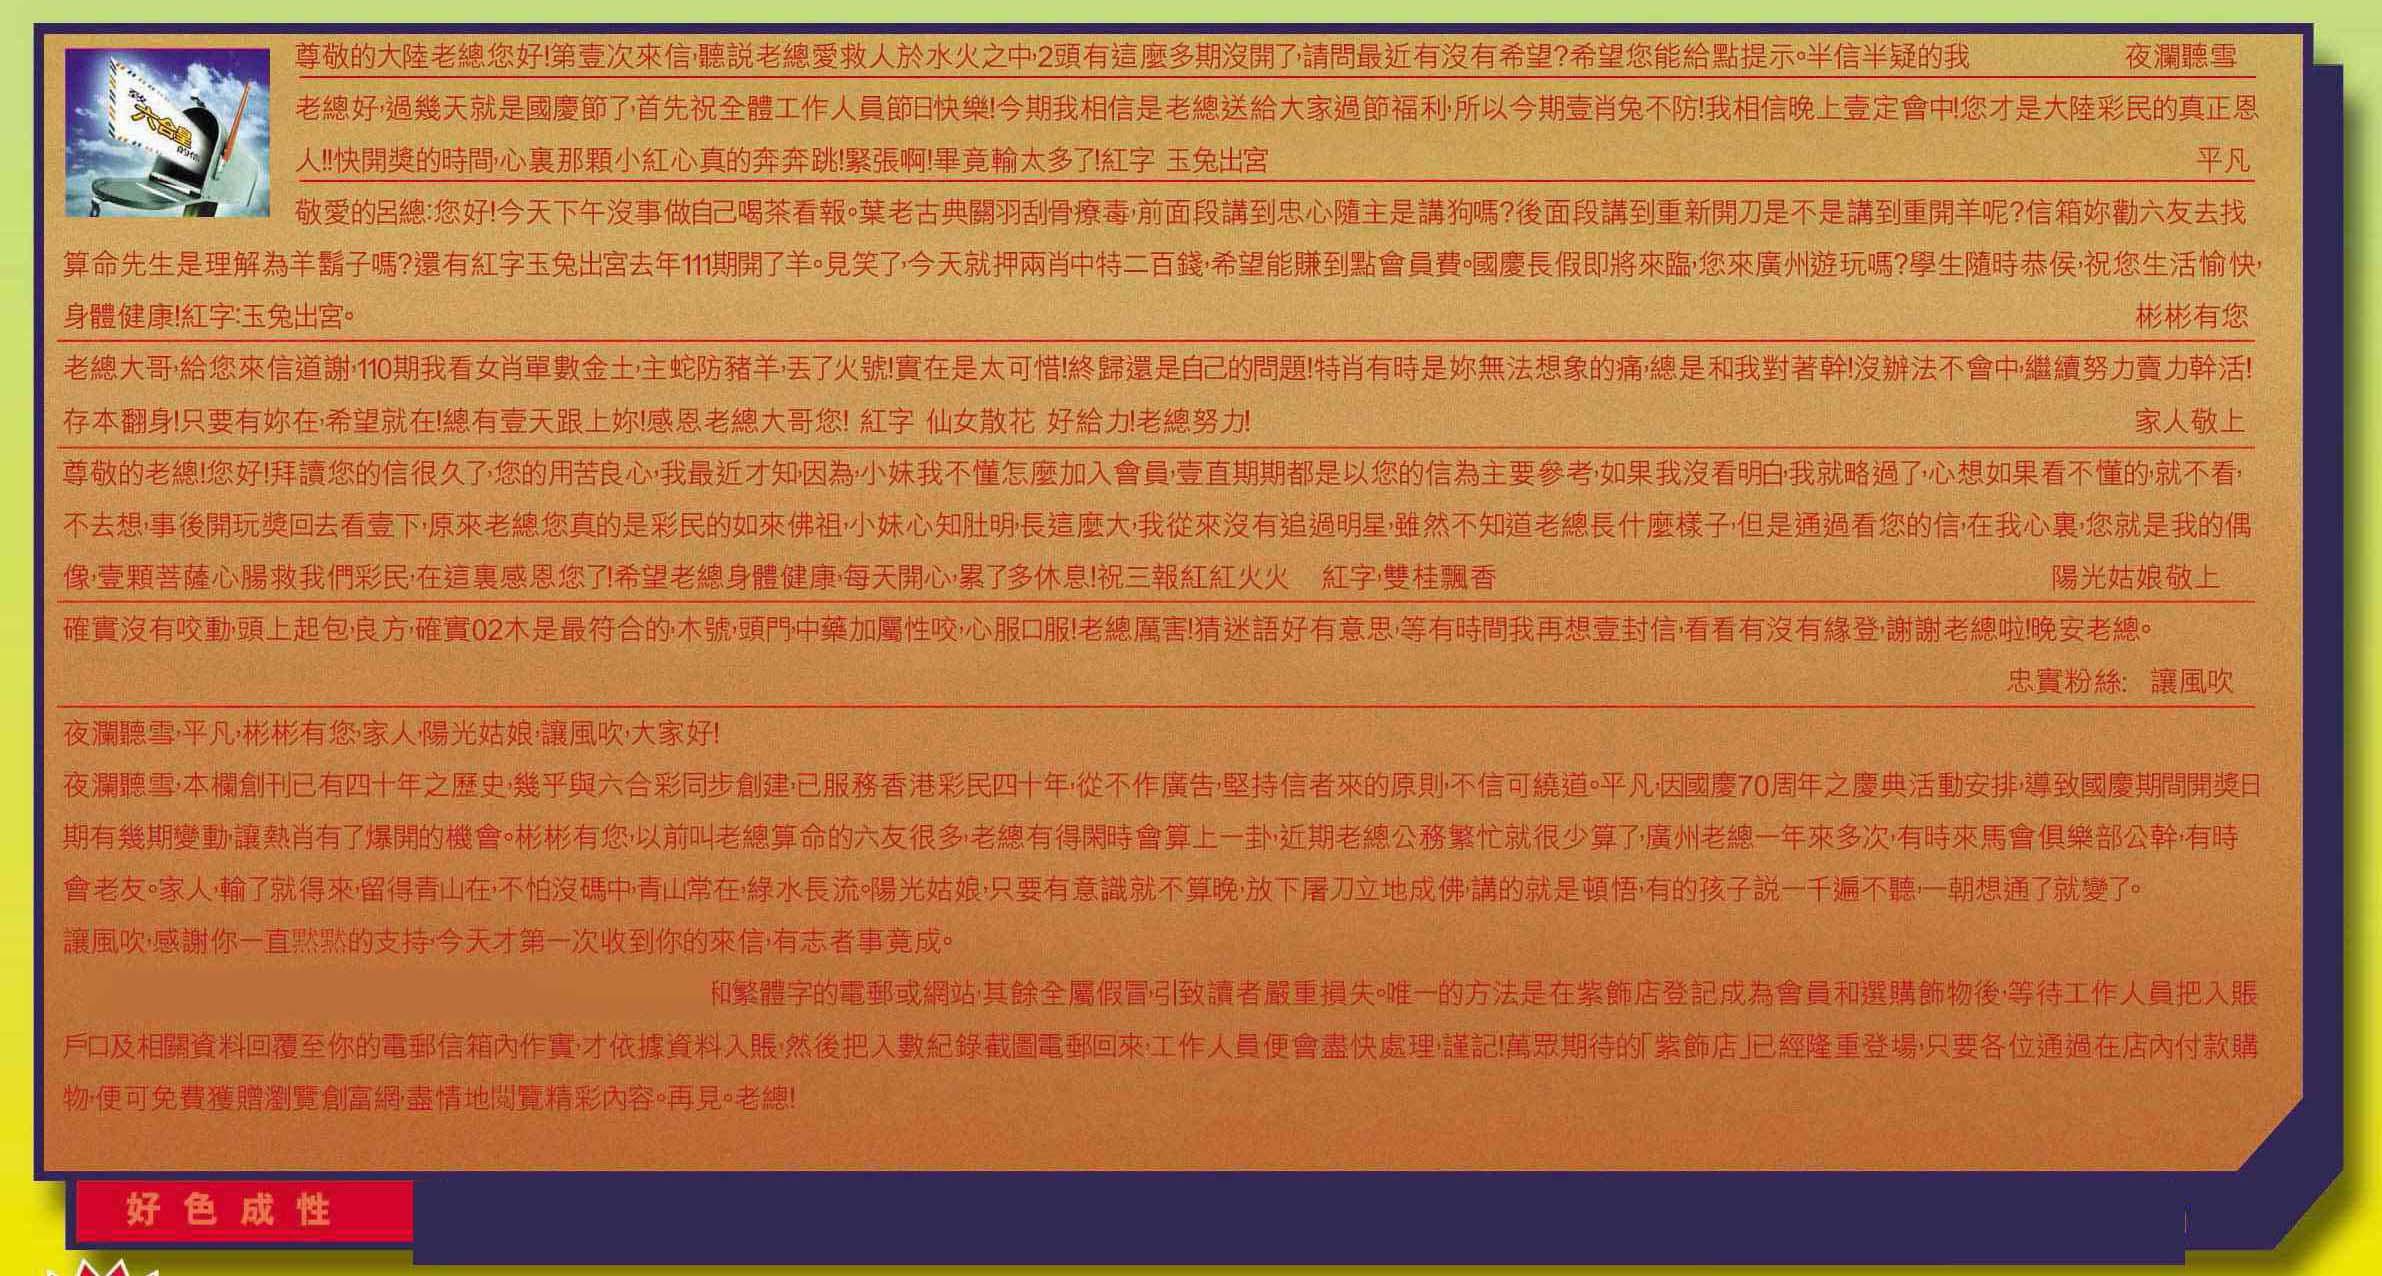 125期:澳门六合彩评论专帖